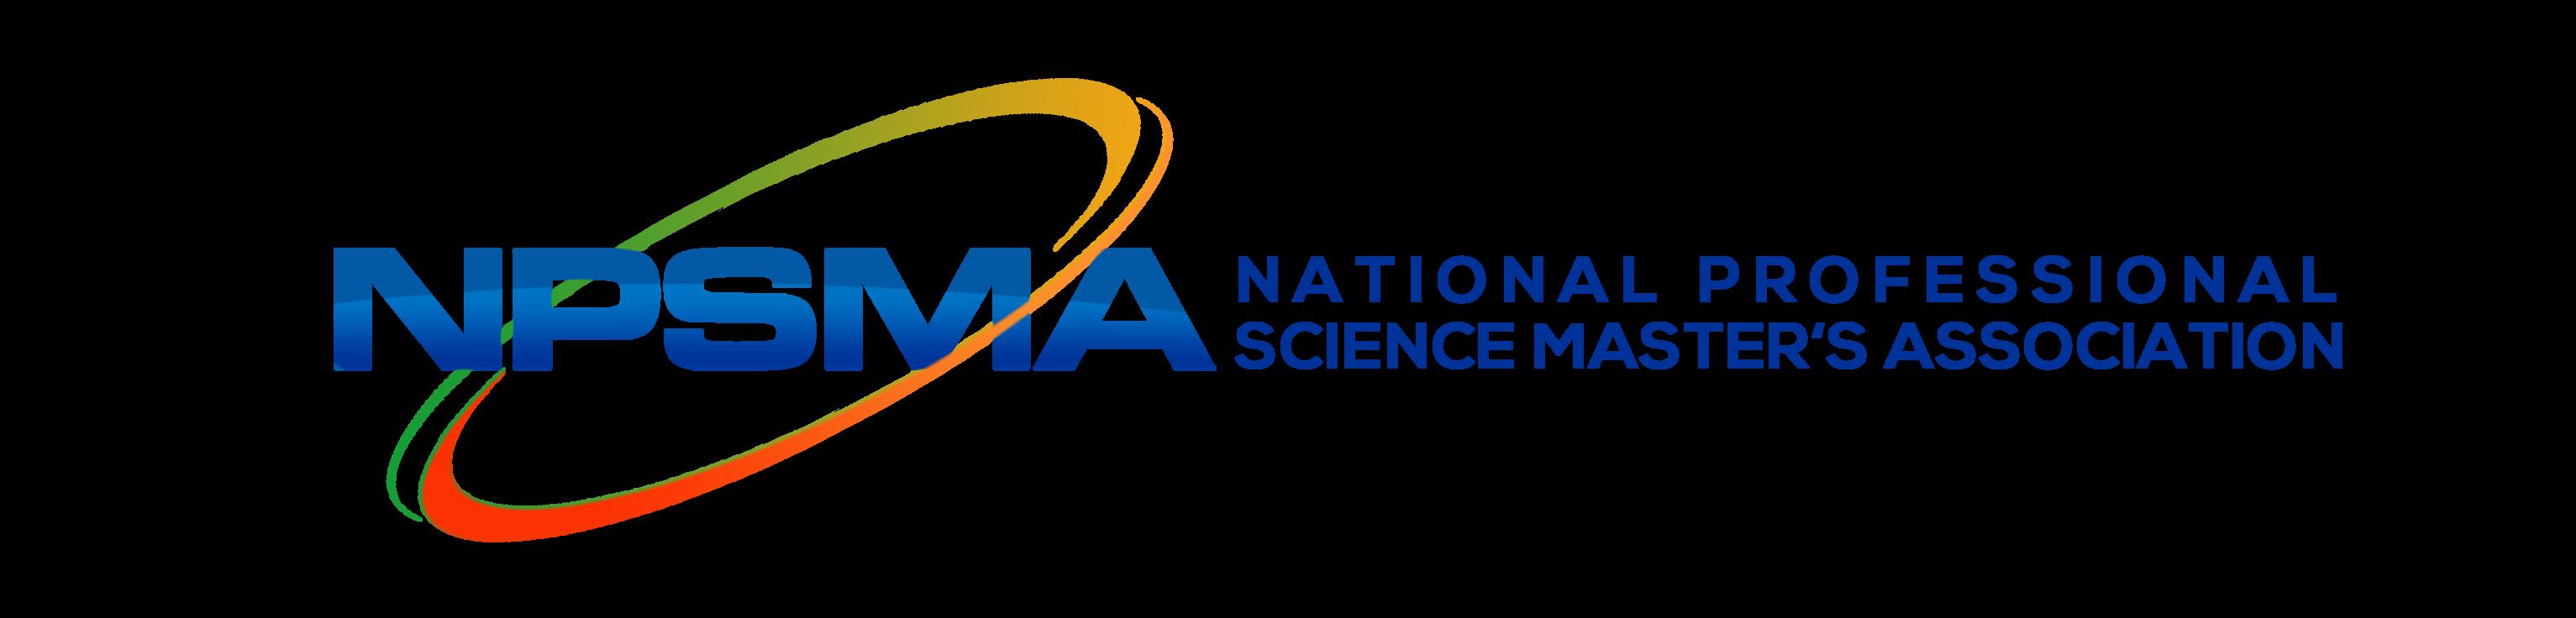 NPSMA logo